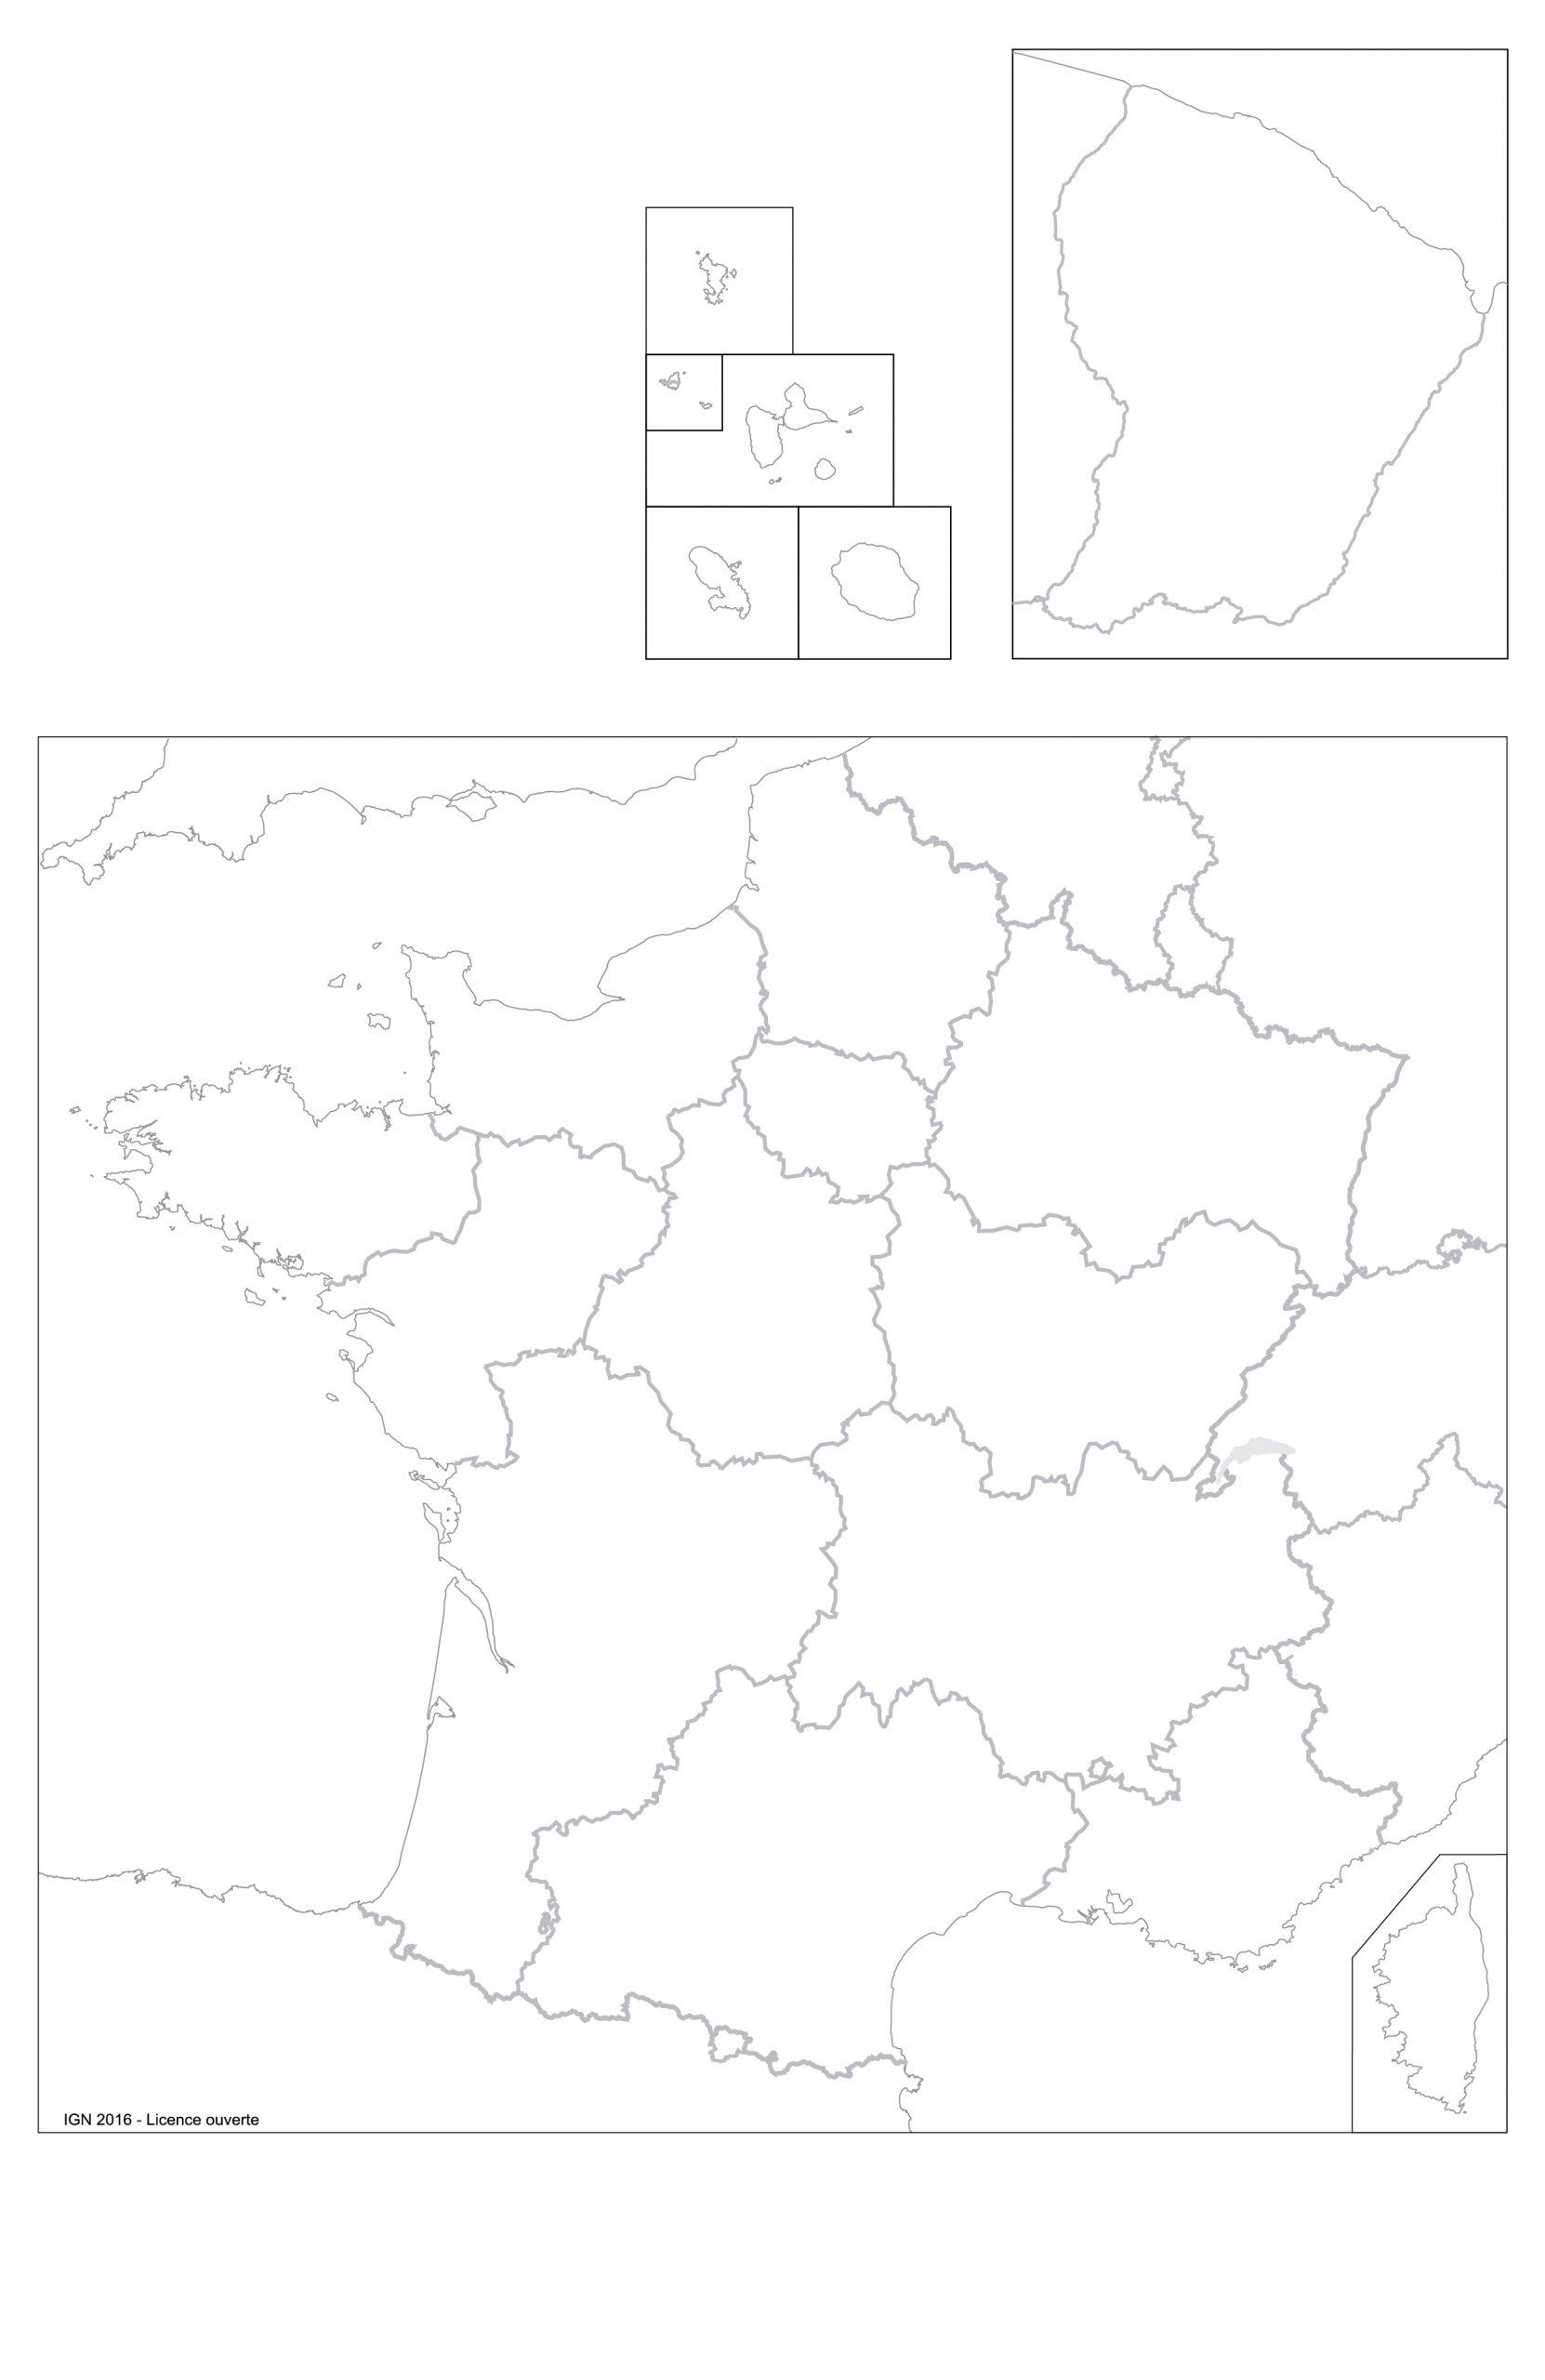 Fonds De Cartes | Éducation dedans Carte De France Vierge Nouvelles Régions